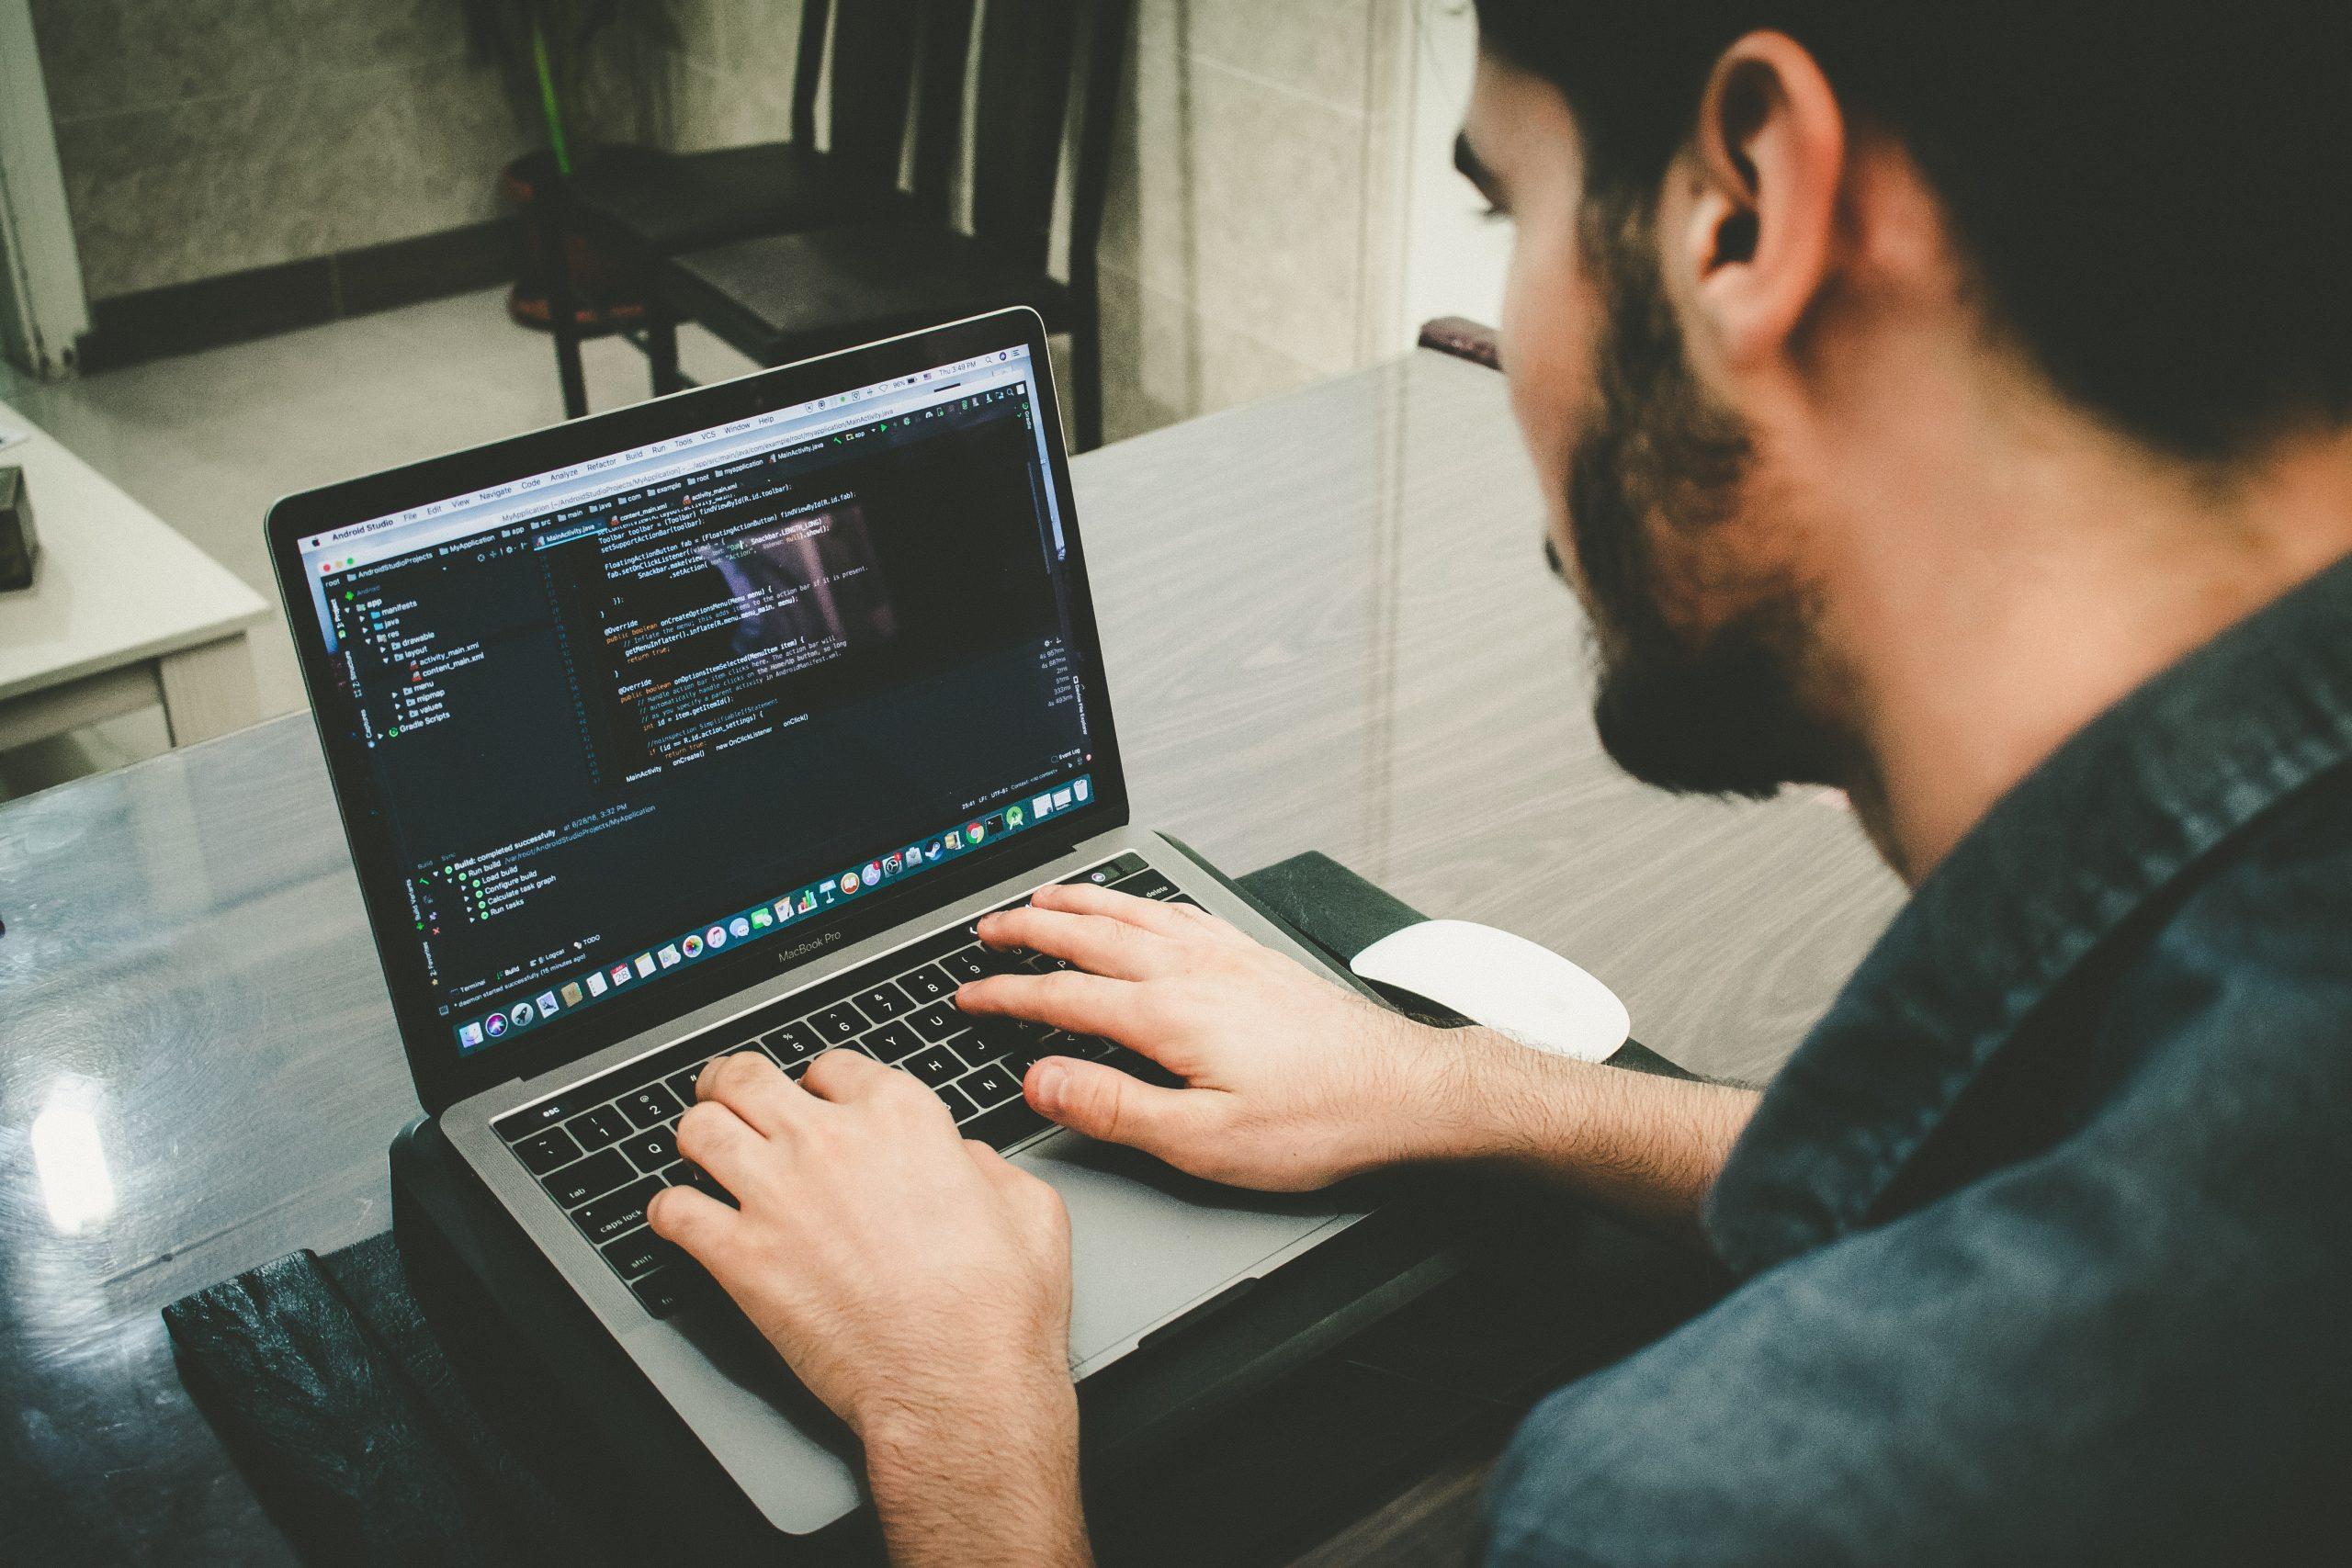 أبسط الخطوات لتعلم البرمجة - الباشمبرمج